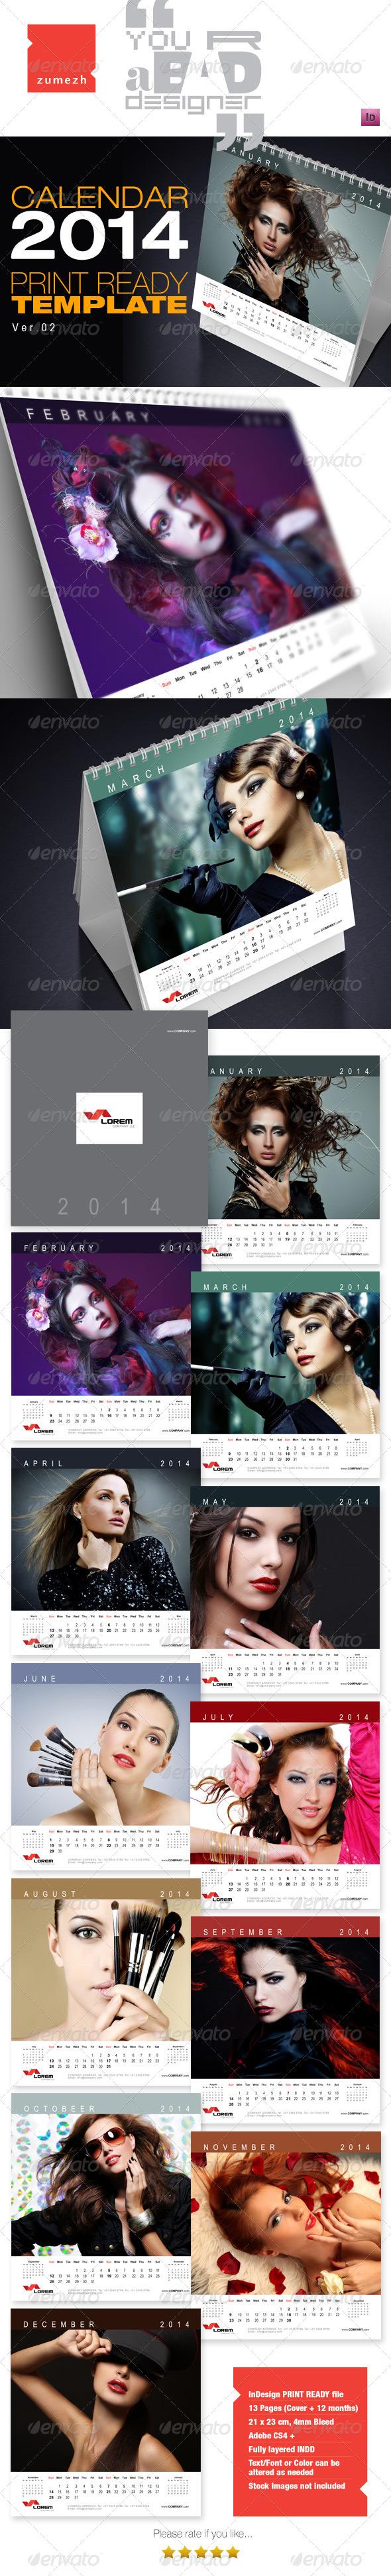 Desktop Calendar 2014 - v2 - Calendars Stationery